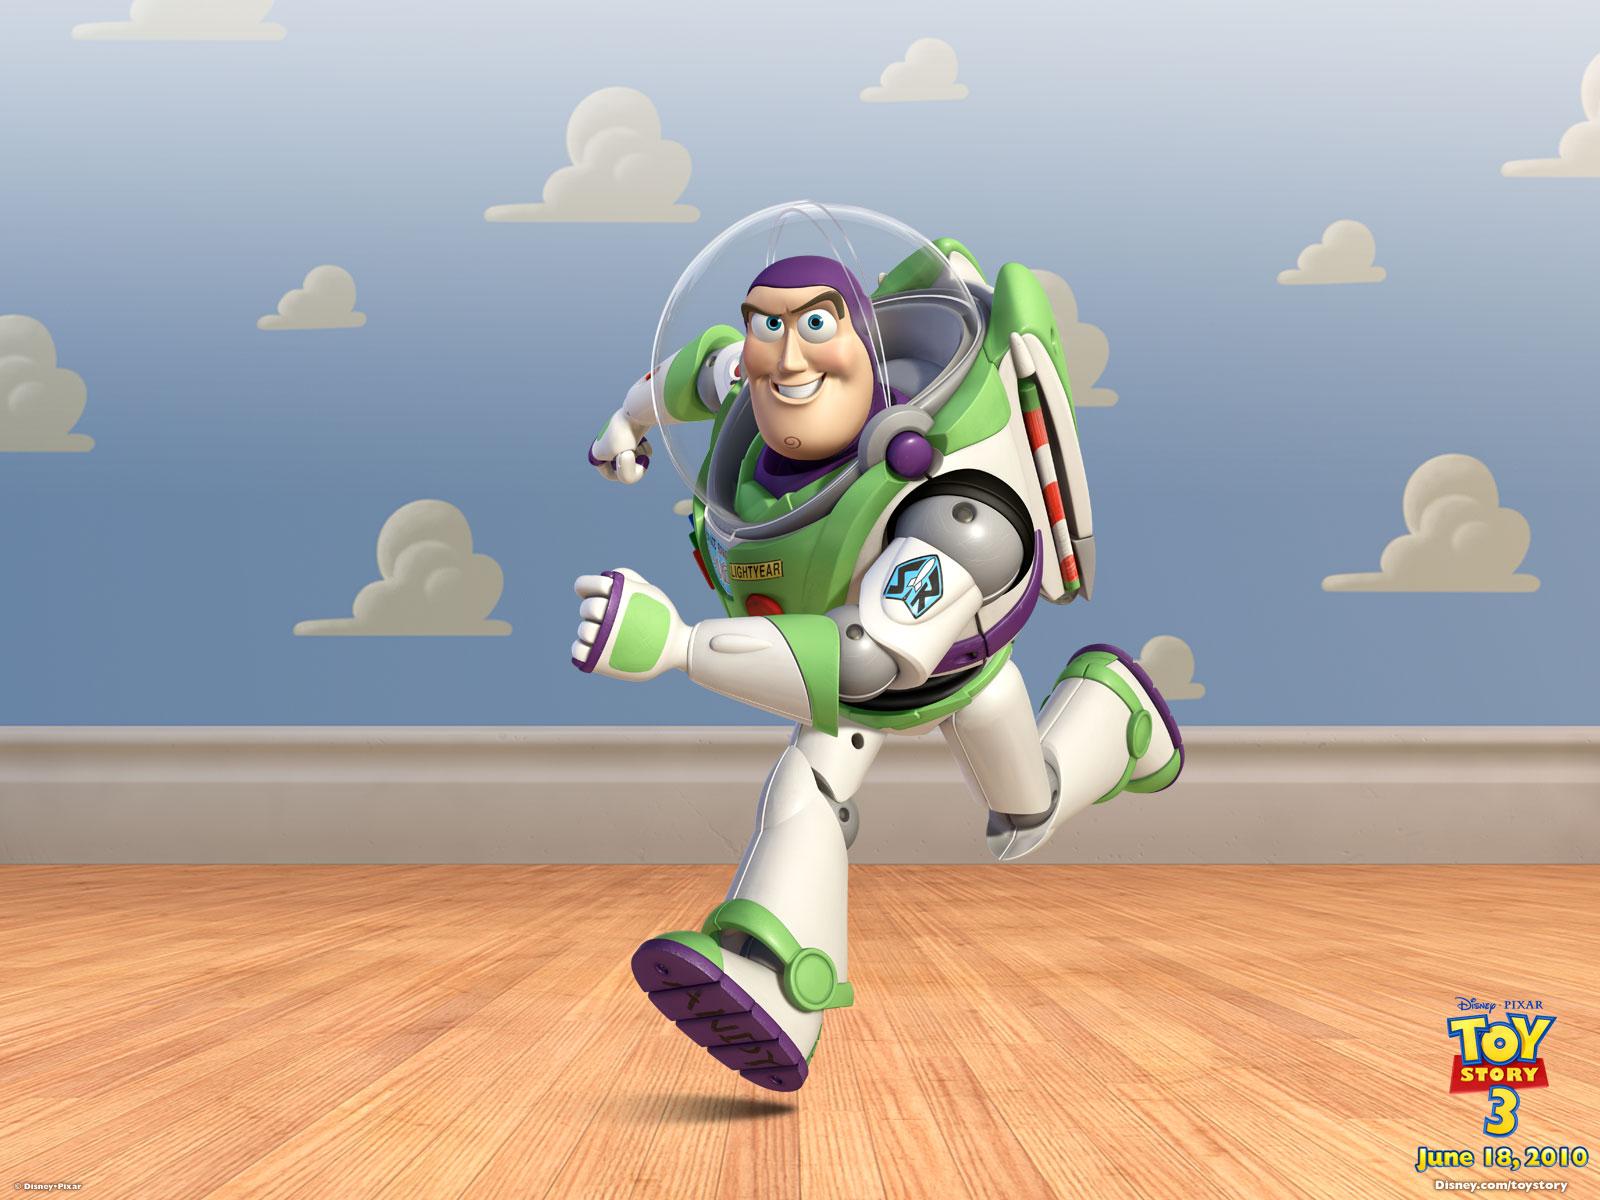 Bilder Disney Toy Story Animationsfilm